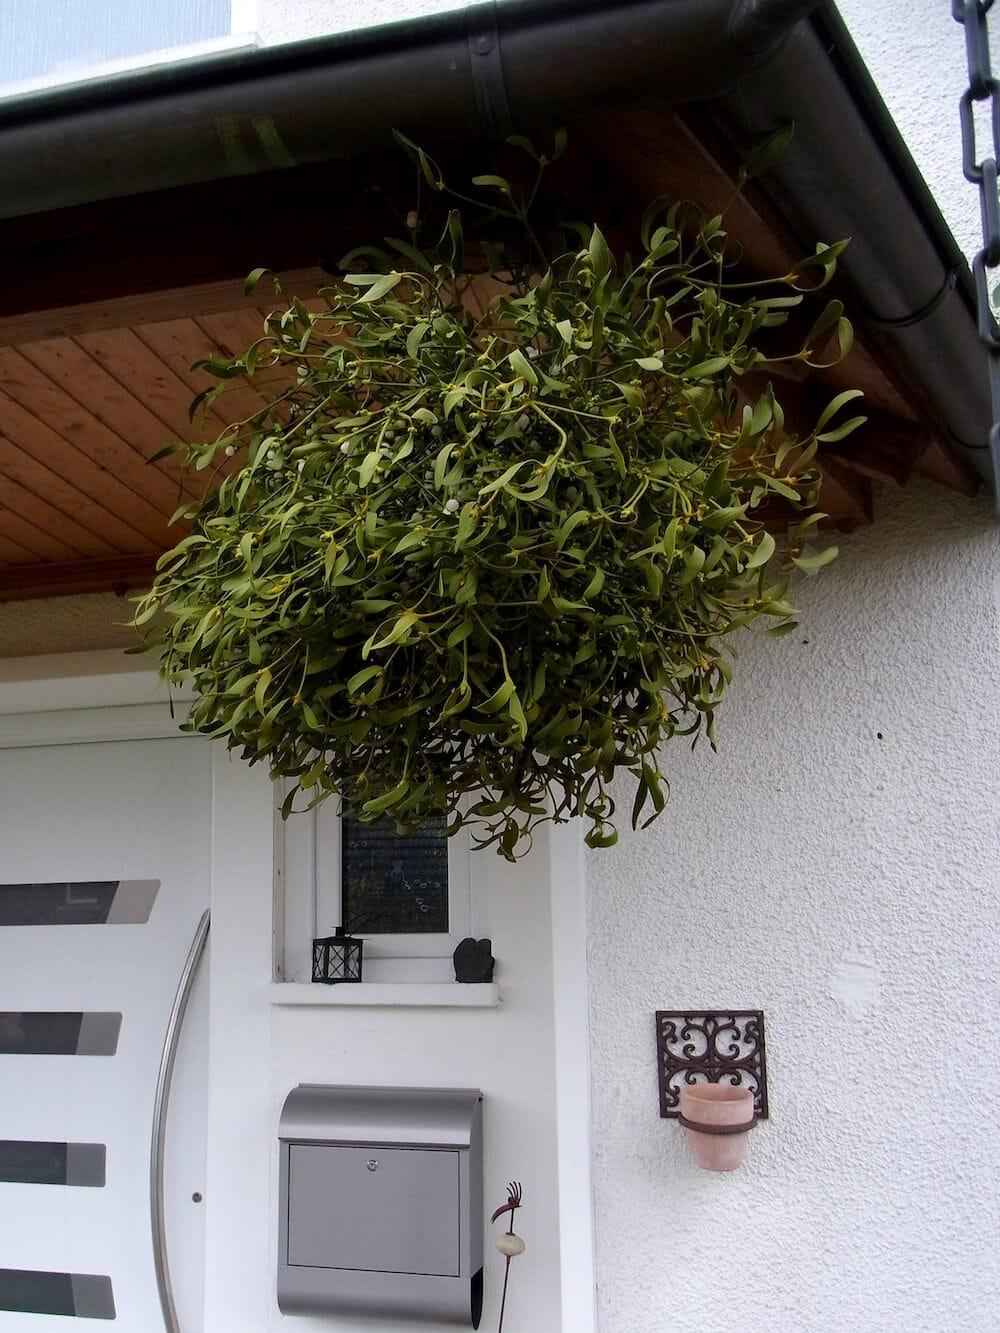 Die Mistel hat eine lange Tradition als magische Schutzpflanze. Diese, oberhalb des Hauseingangs befestigten Mistelzweige hindern schädliche Krankheitsgeister vor dem EIndringen ins Haus.